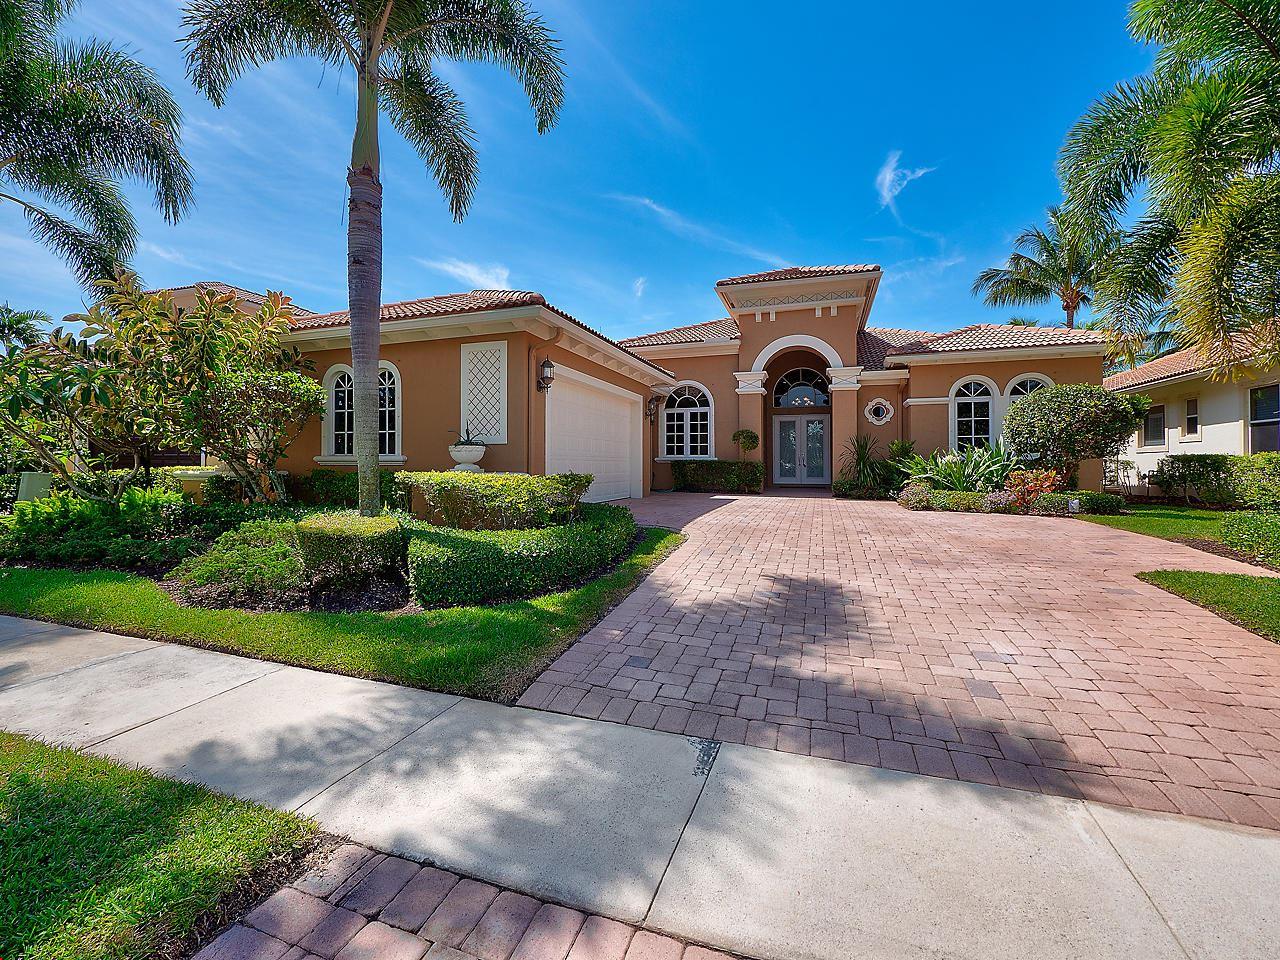 Ibis-Isla Vista Properties For Sale